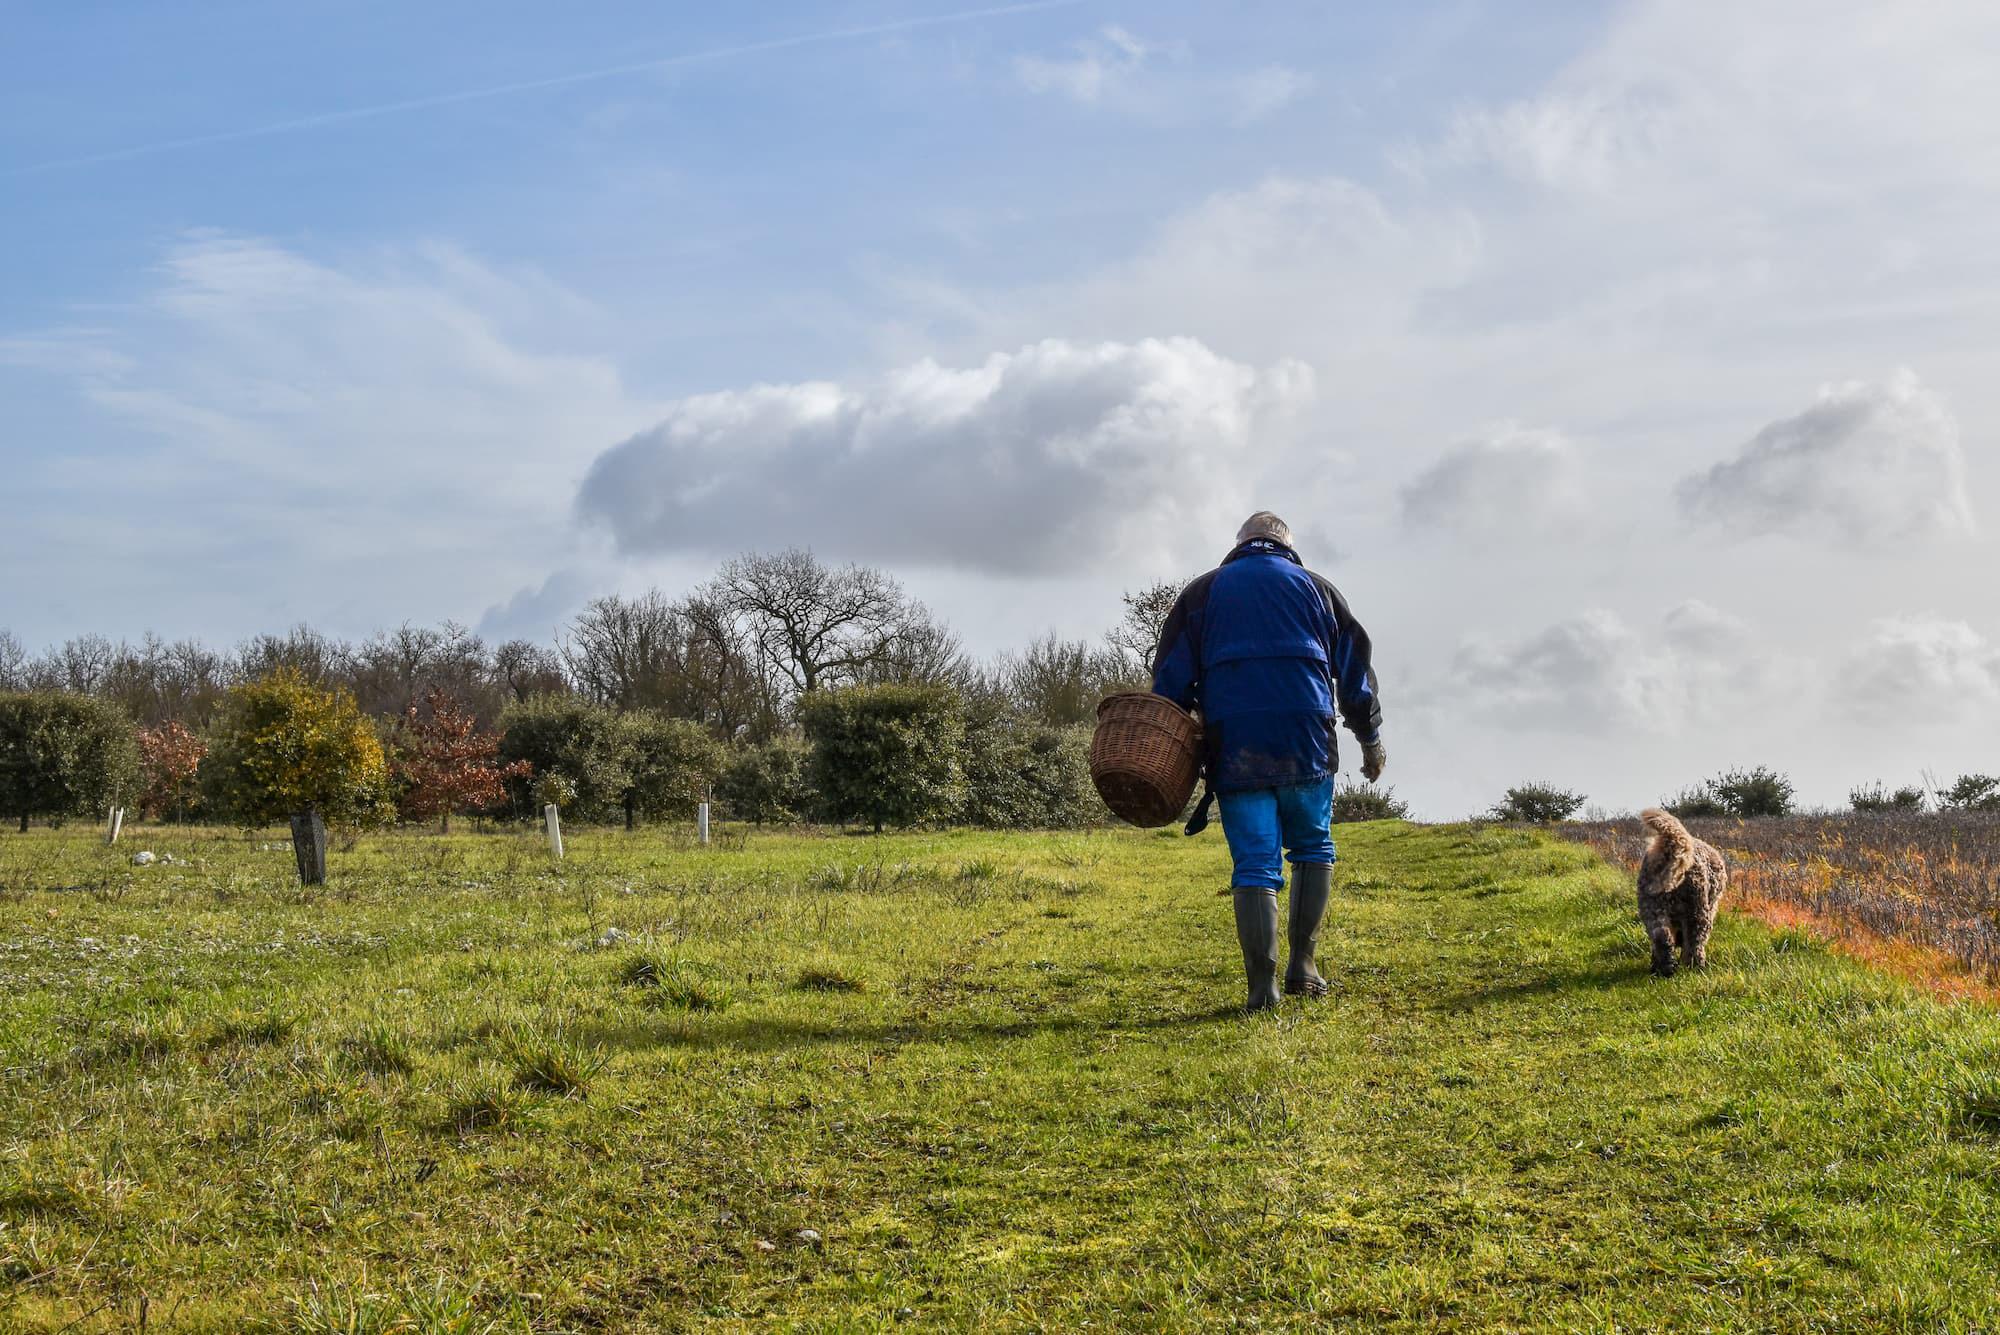 Un Lagotto et son maître sur une exploitation agricole